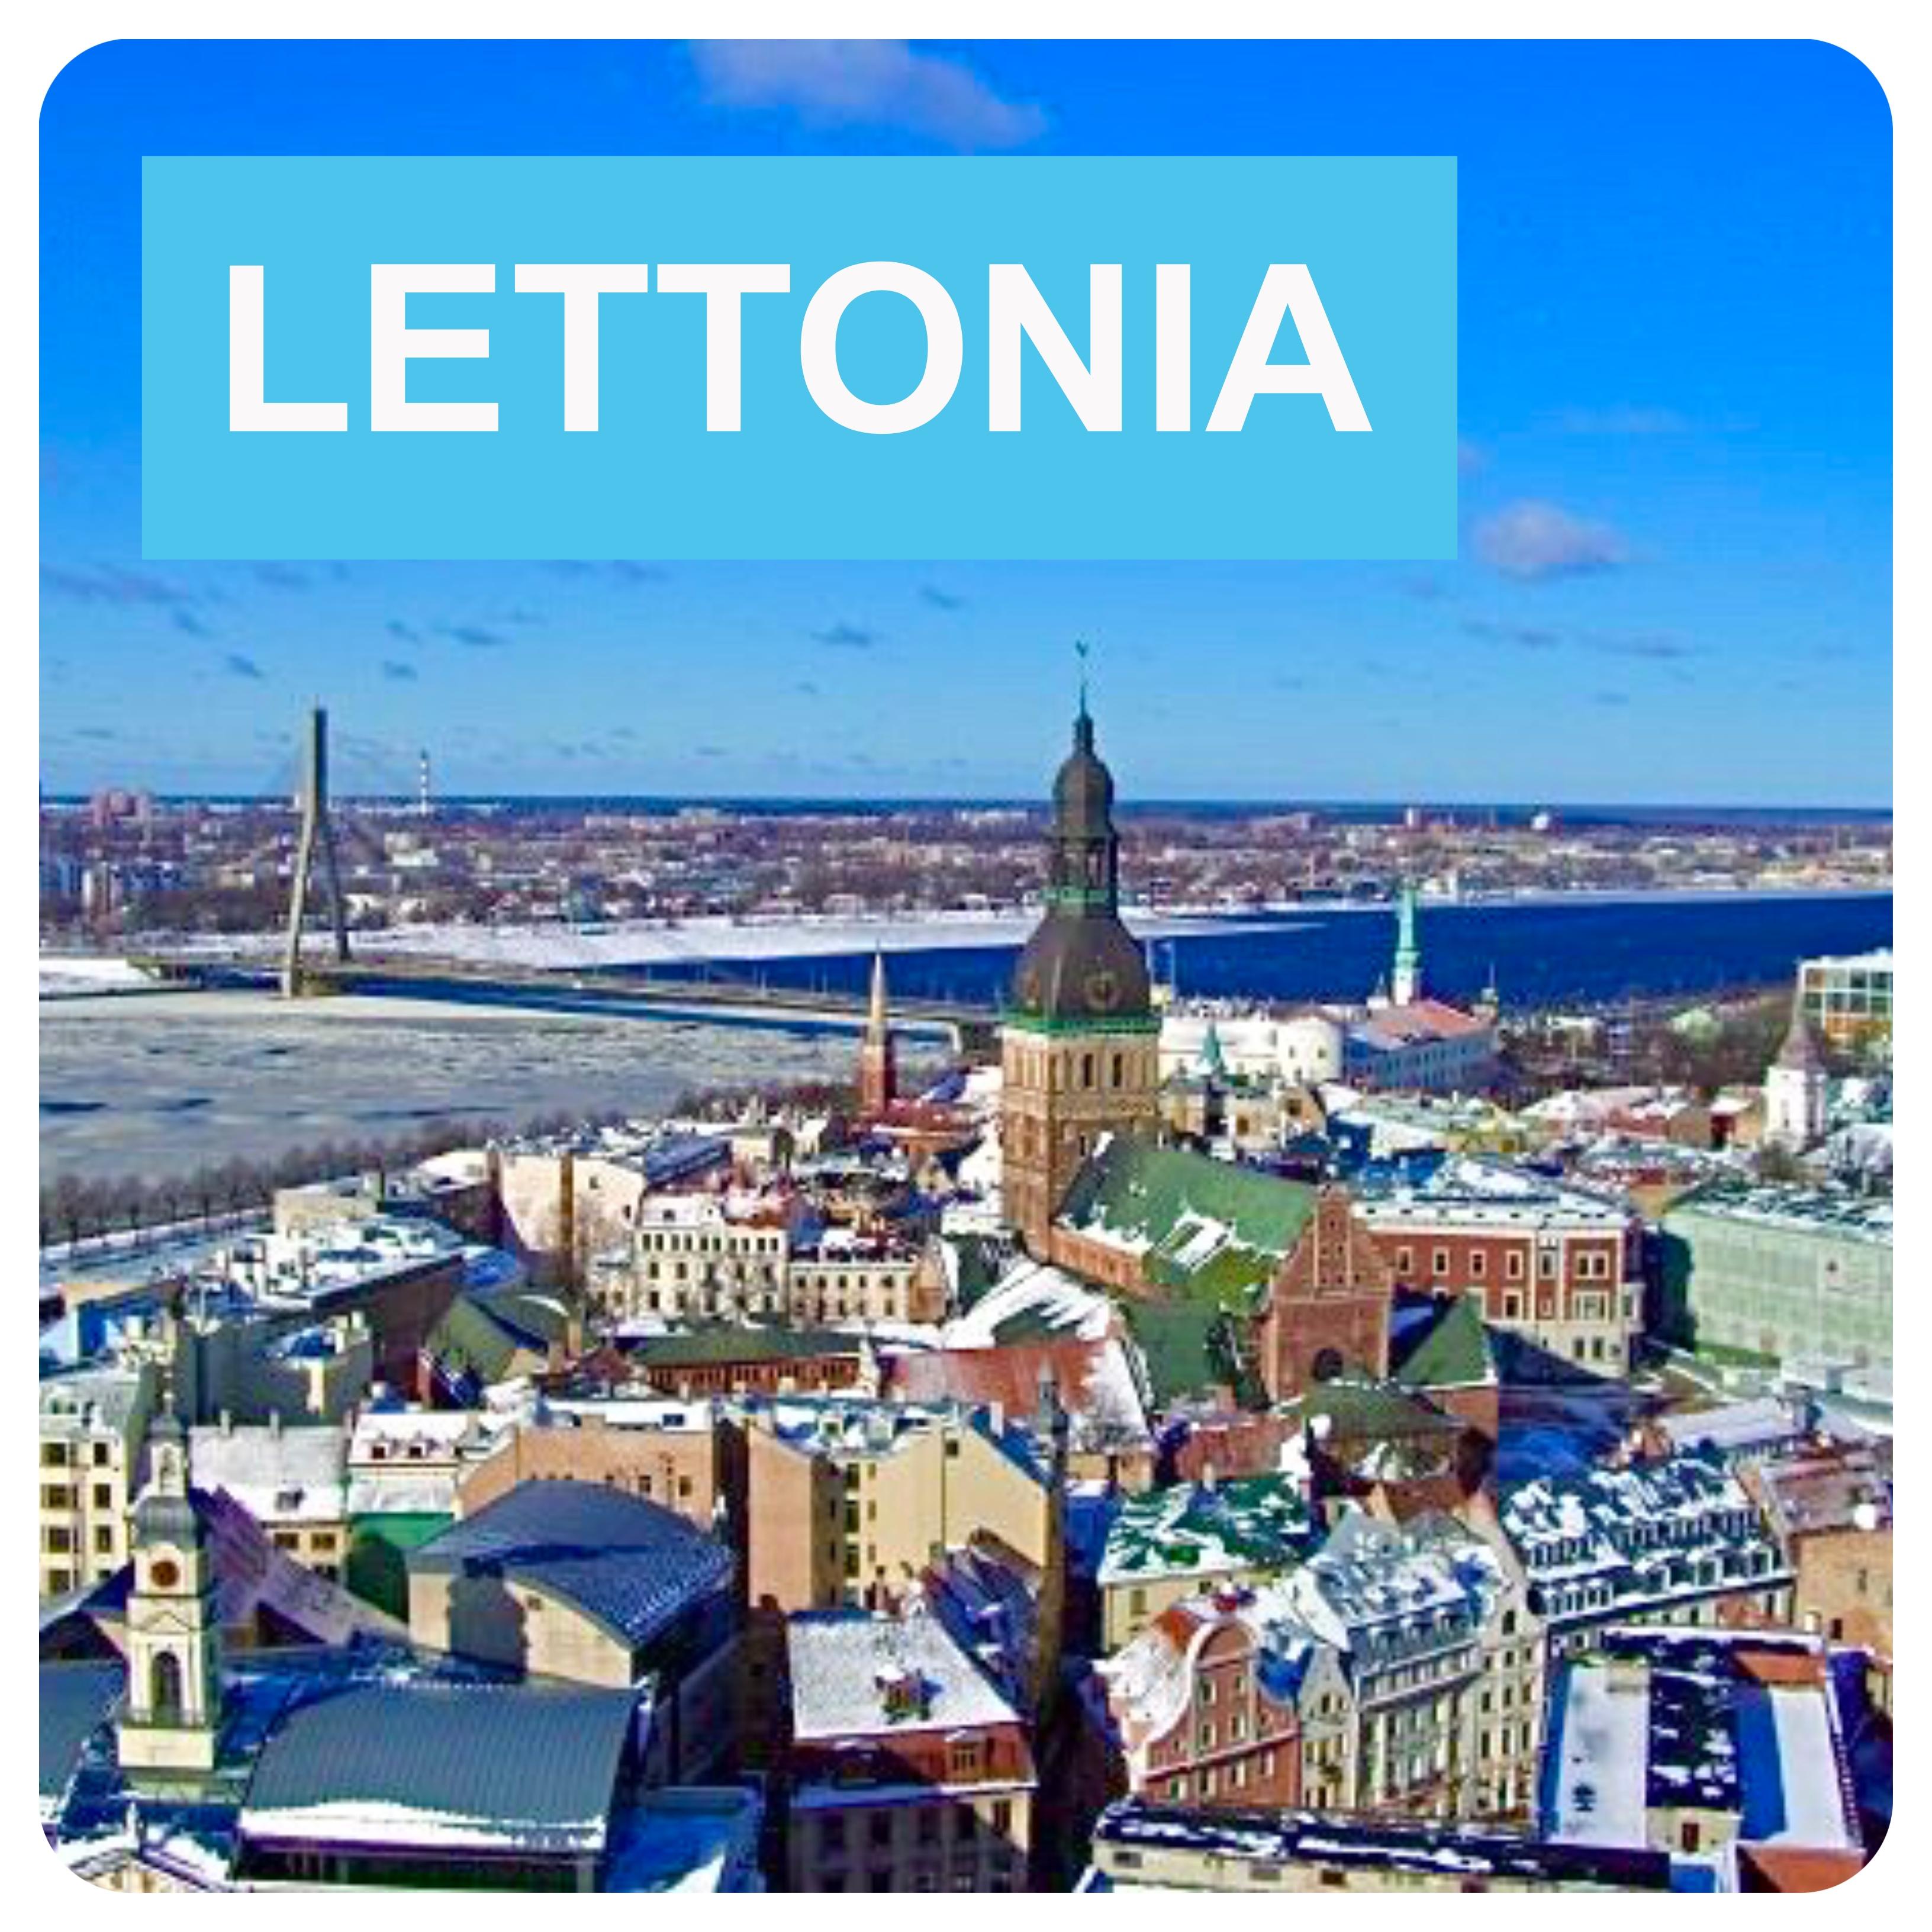 Noleggio auto lettonia senza carta di credito